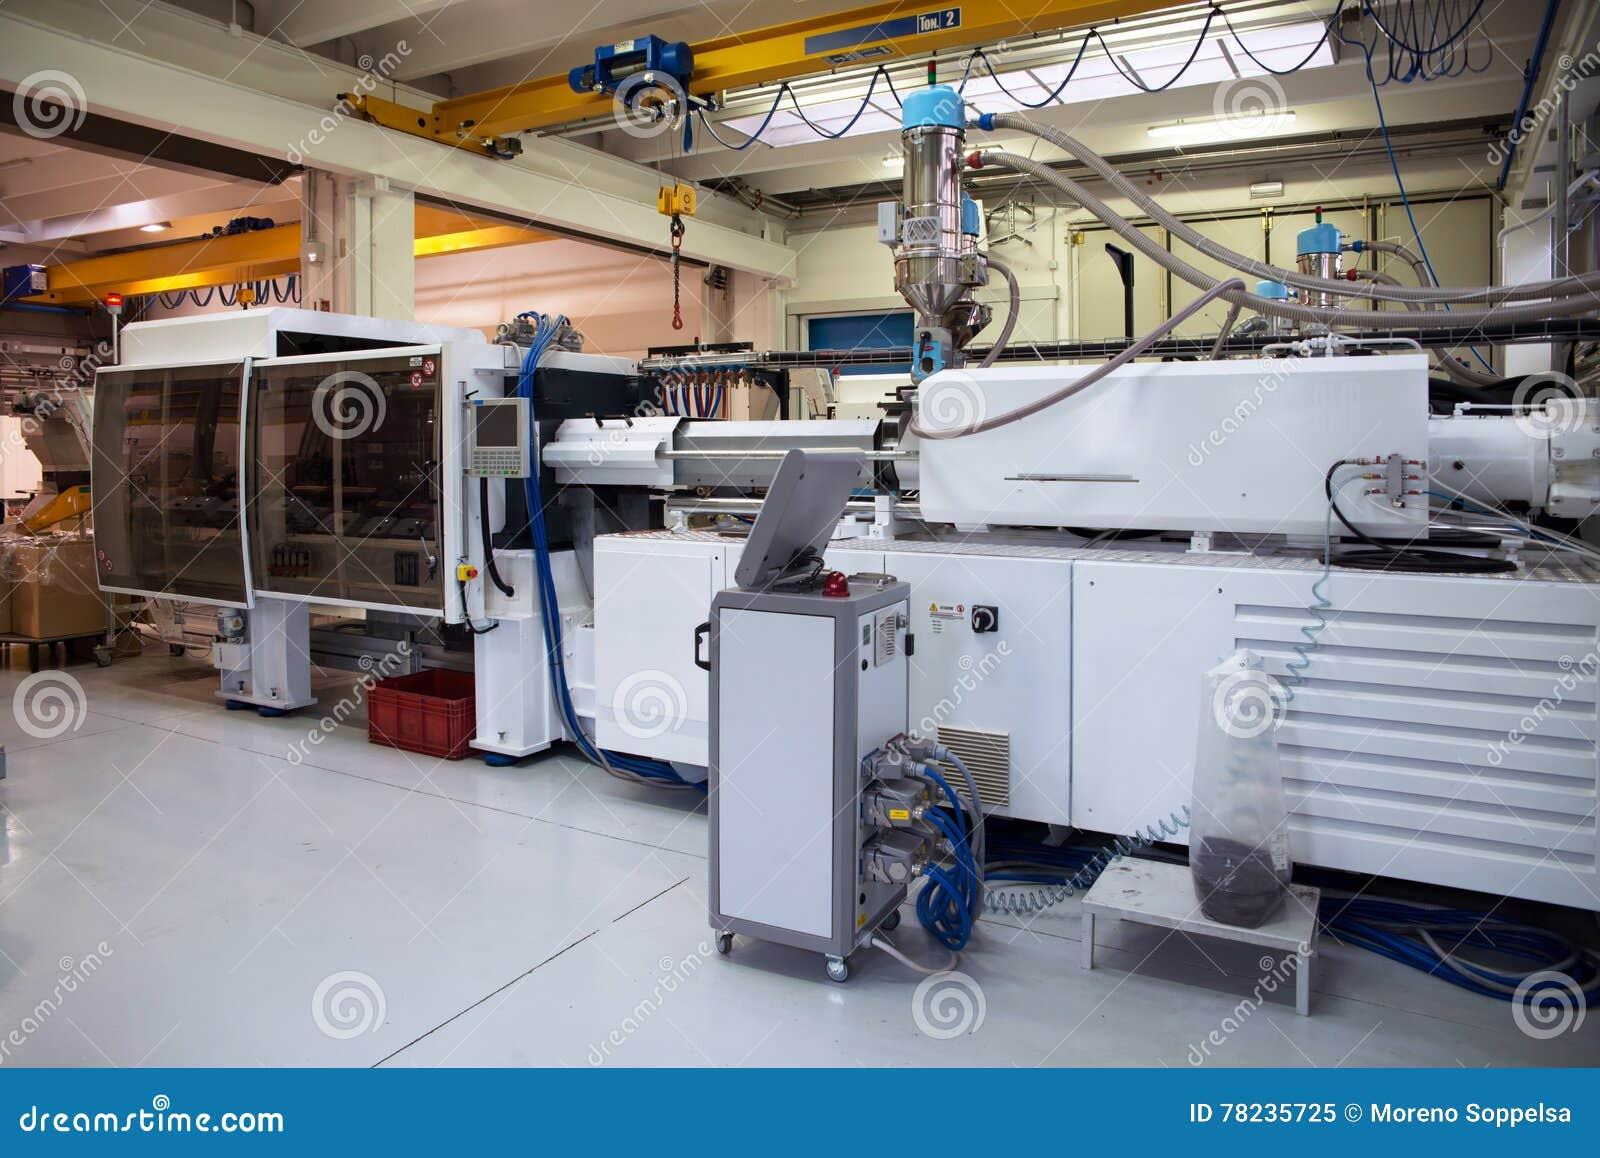 Machines de moulage par injection dans une grande usine